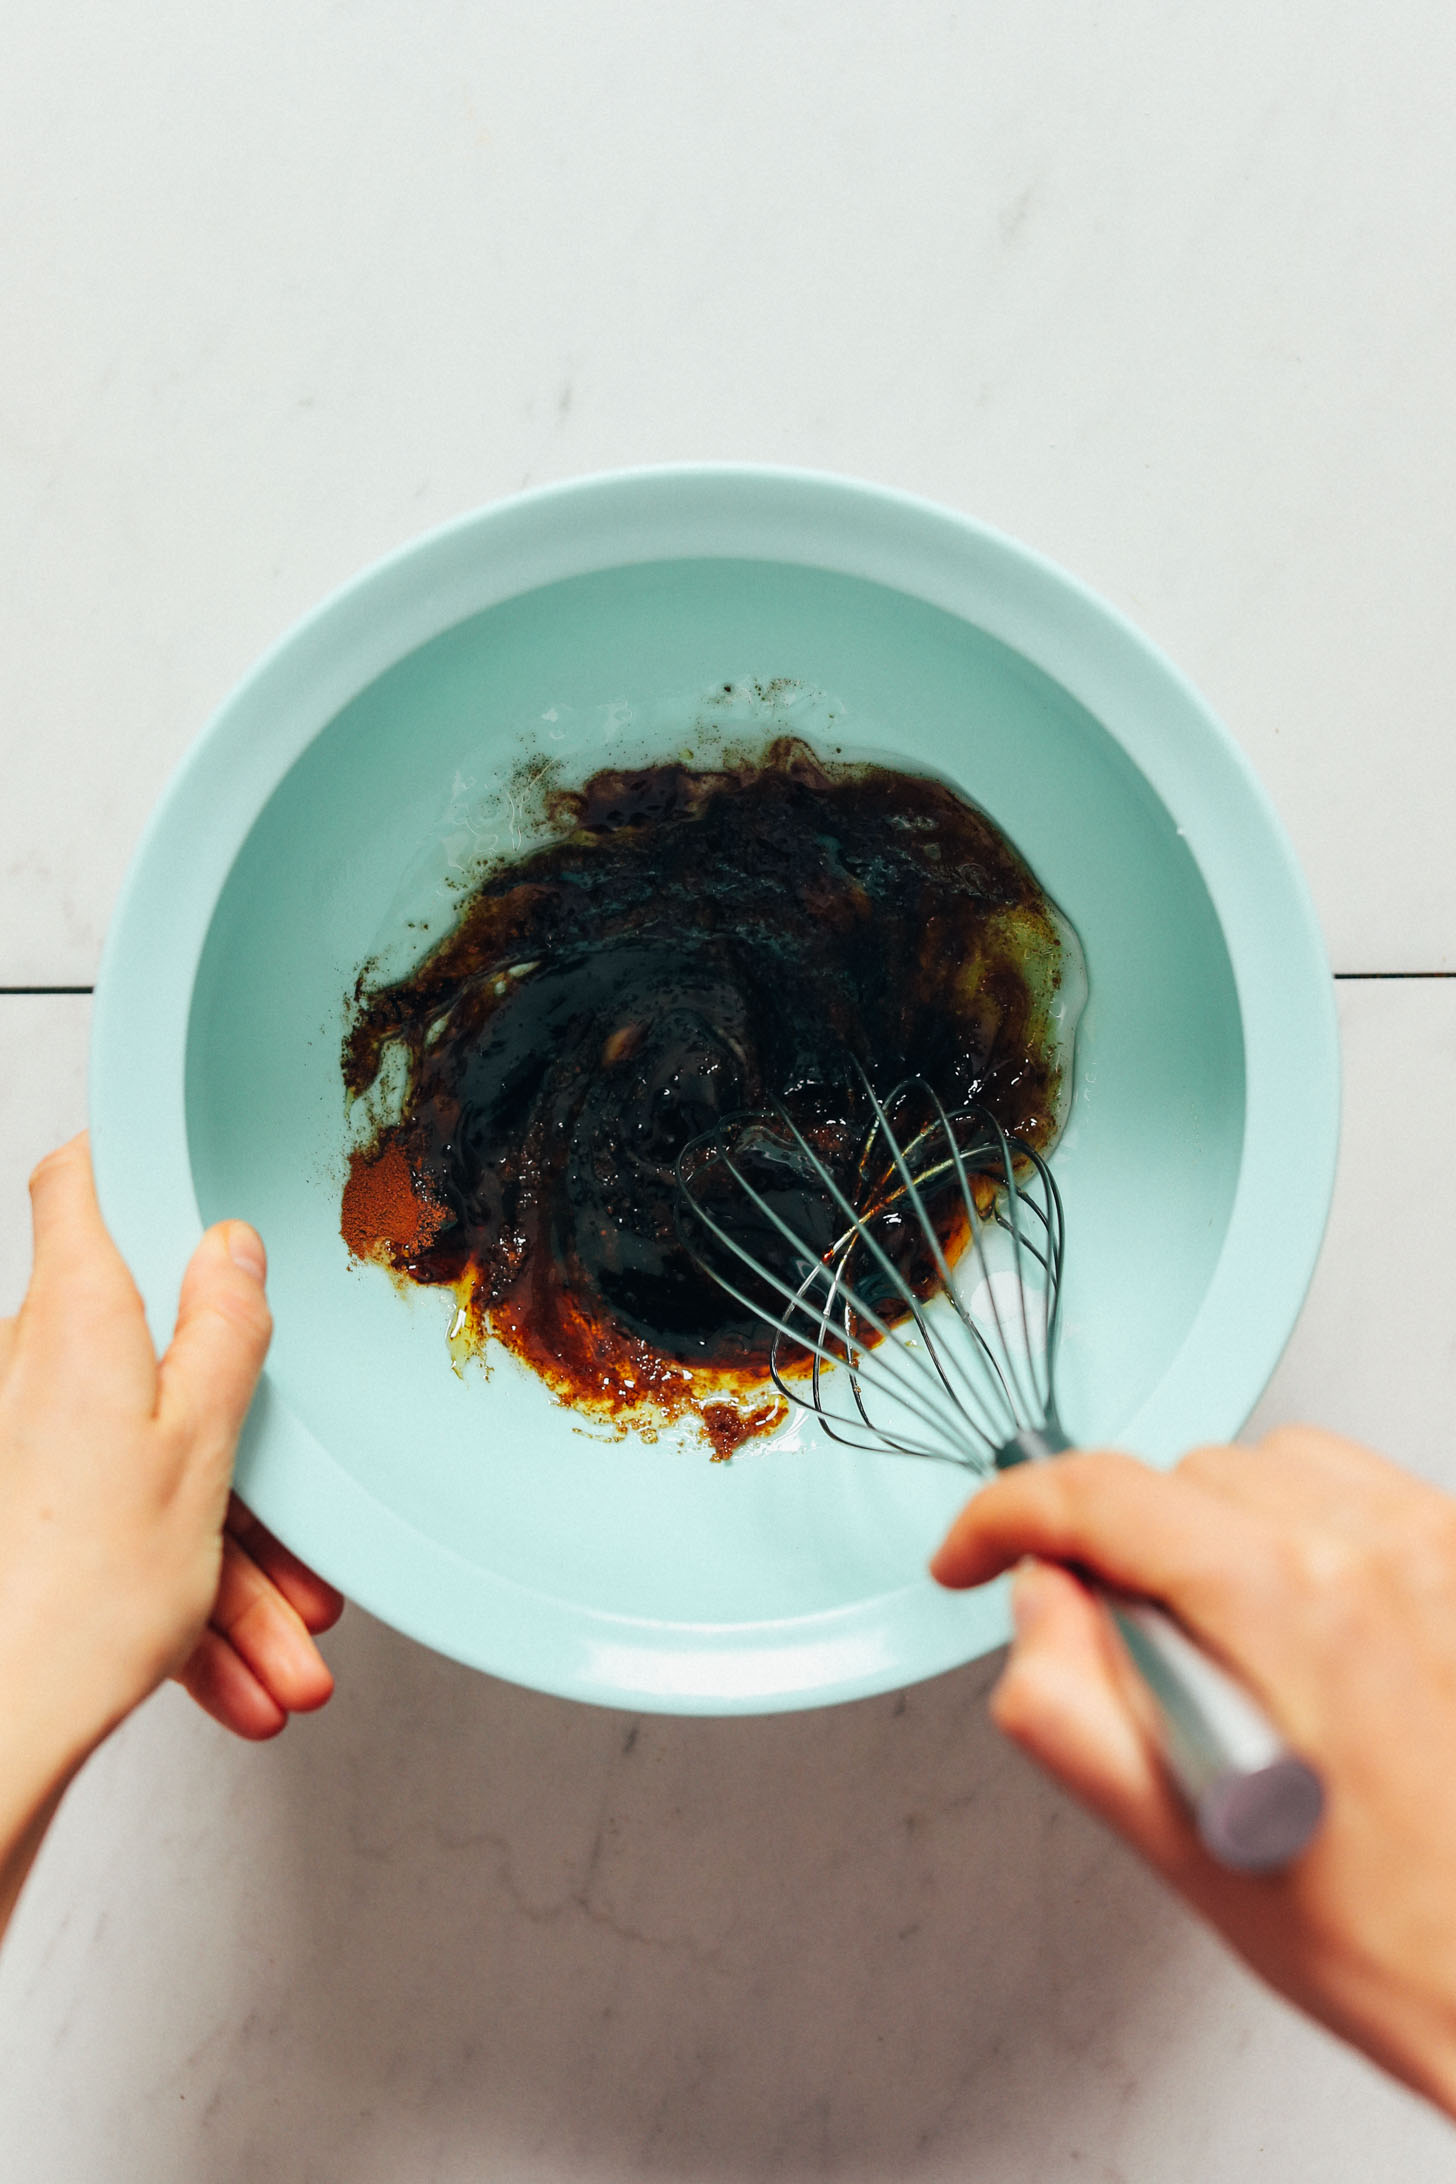 Fouetter le sucre de coco, le bicarbonate de soude, le sel de mer, la cannelle, le sirop d'érable, la mélasse et l'huile de coco fondue